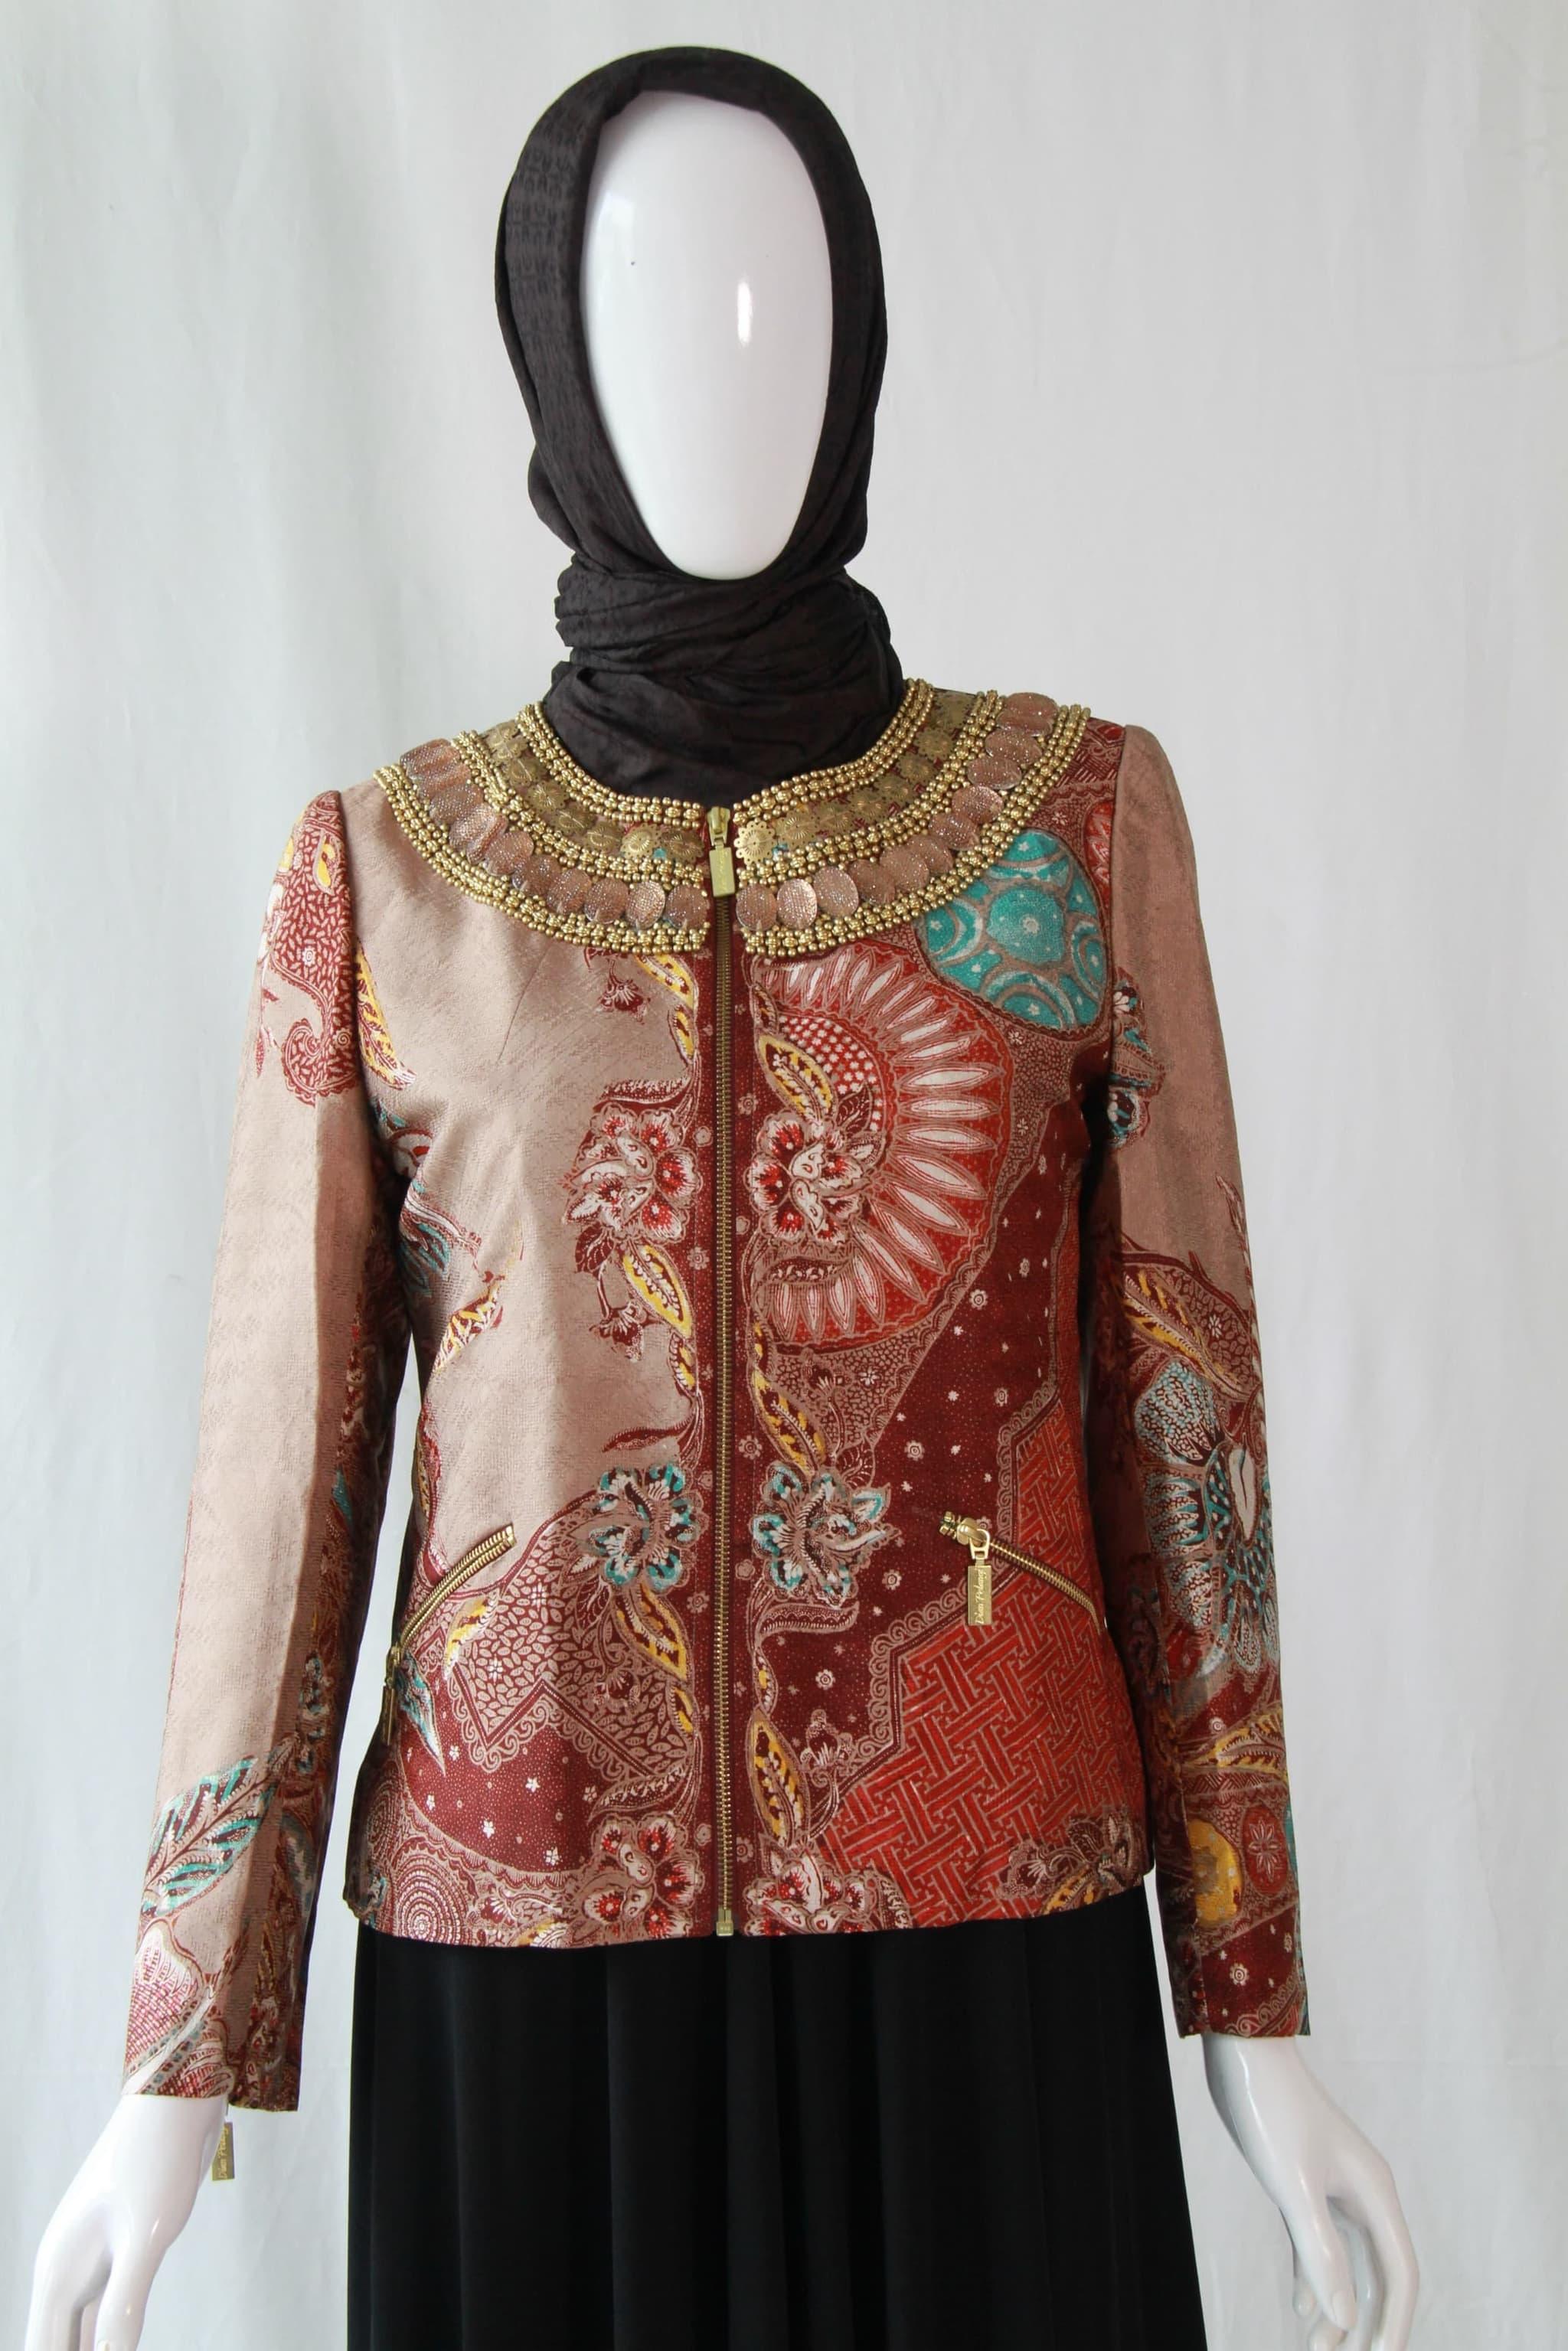 Fitted Coat Atbm Batik Kombinasi Payet By Dian Pelangi Brand Size